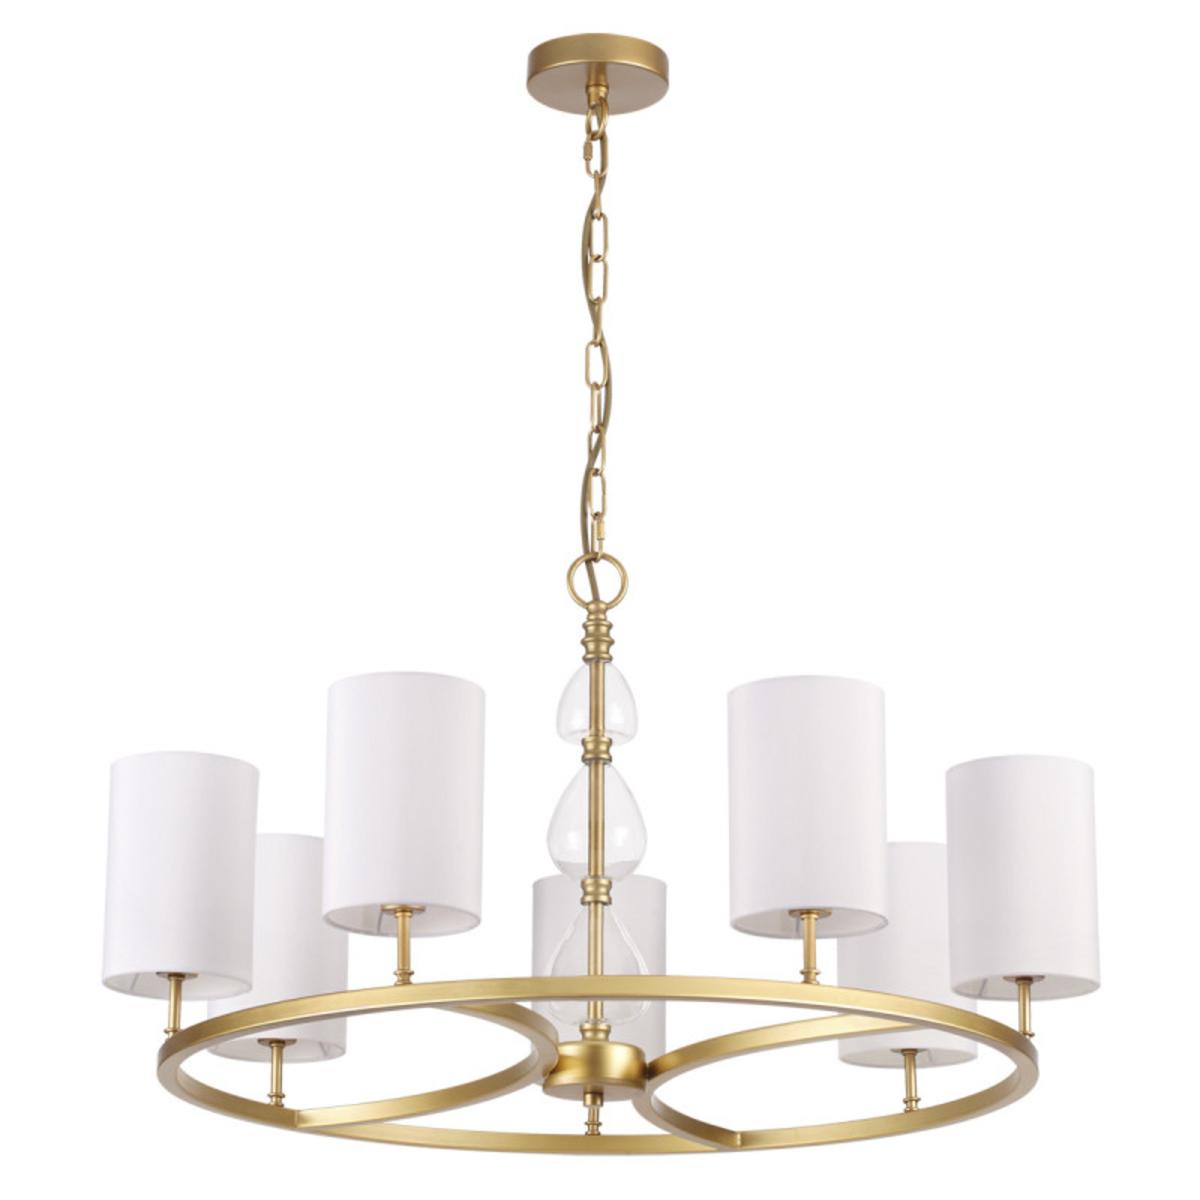 Купить Подвесная люстра Giada Подвесная люстра Odeon Light 3802/7 (15952), HomeMe